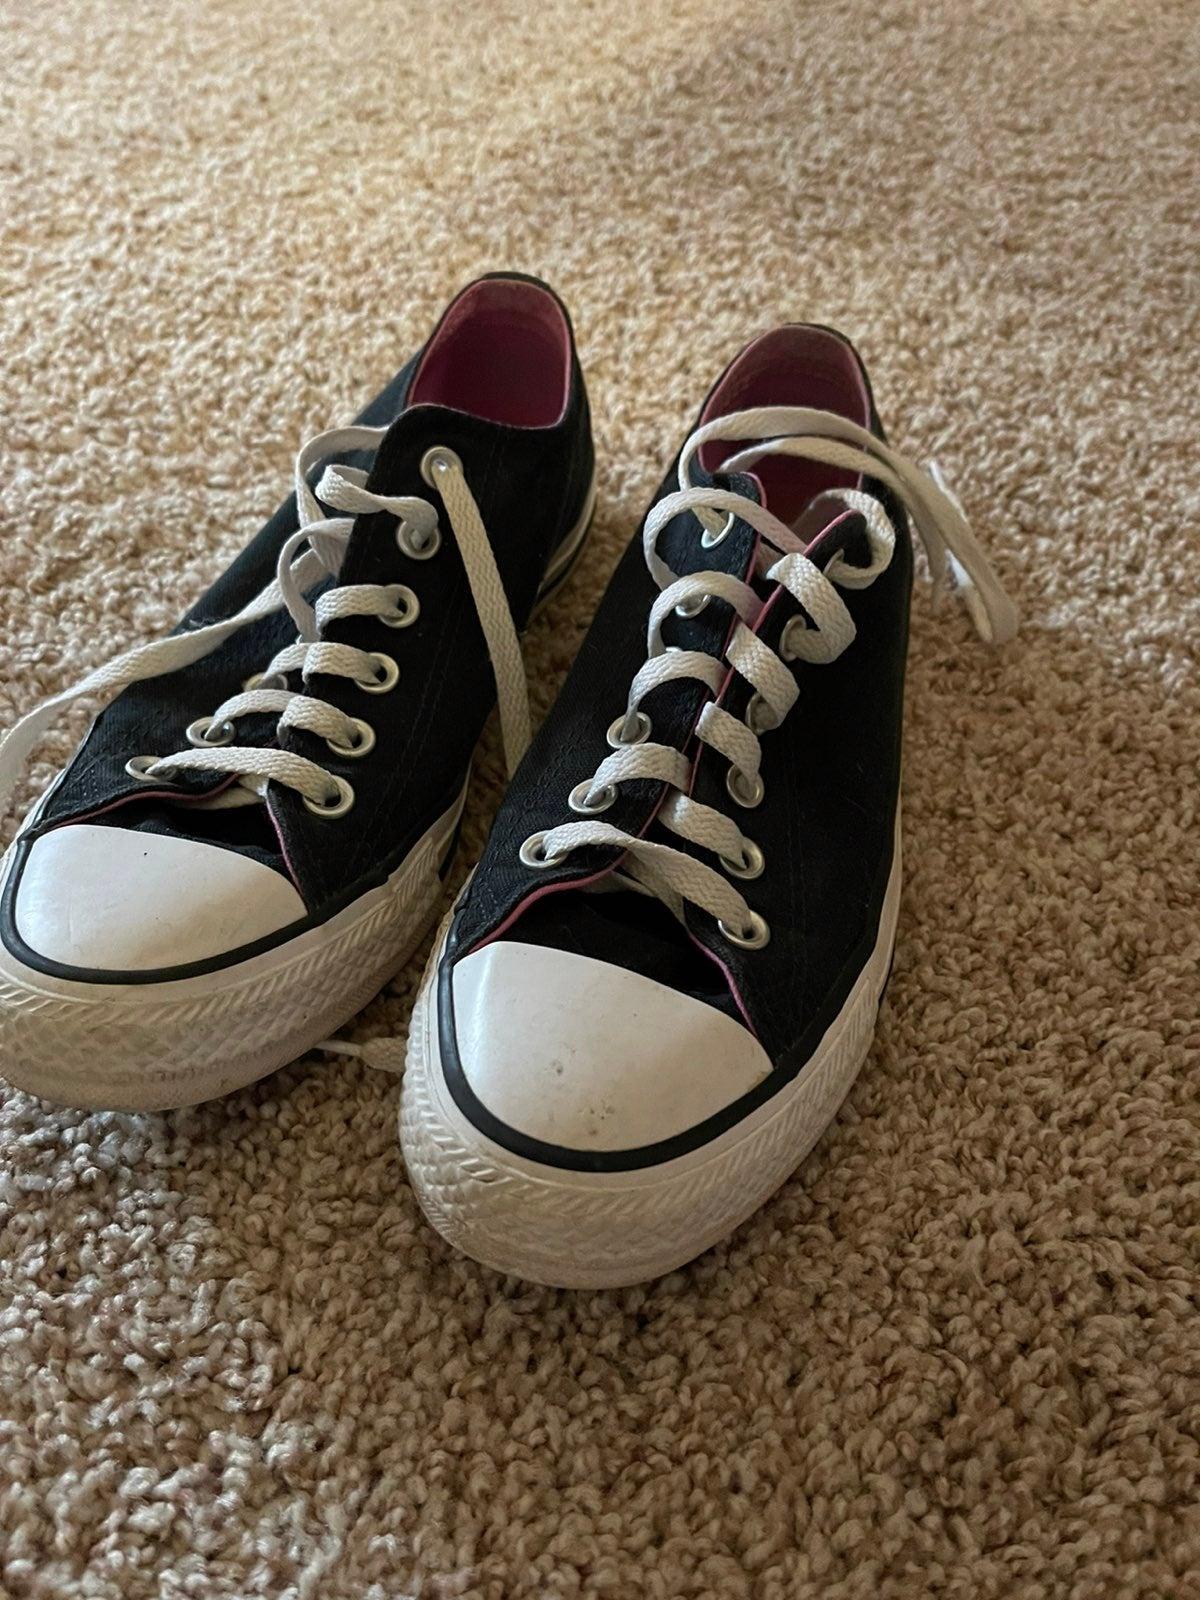 Converse ladies shoes